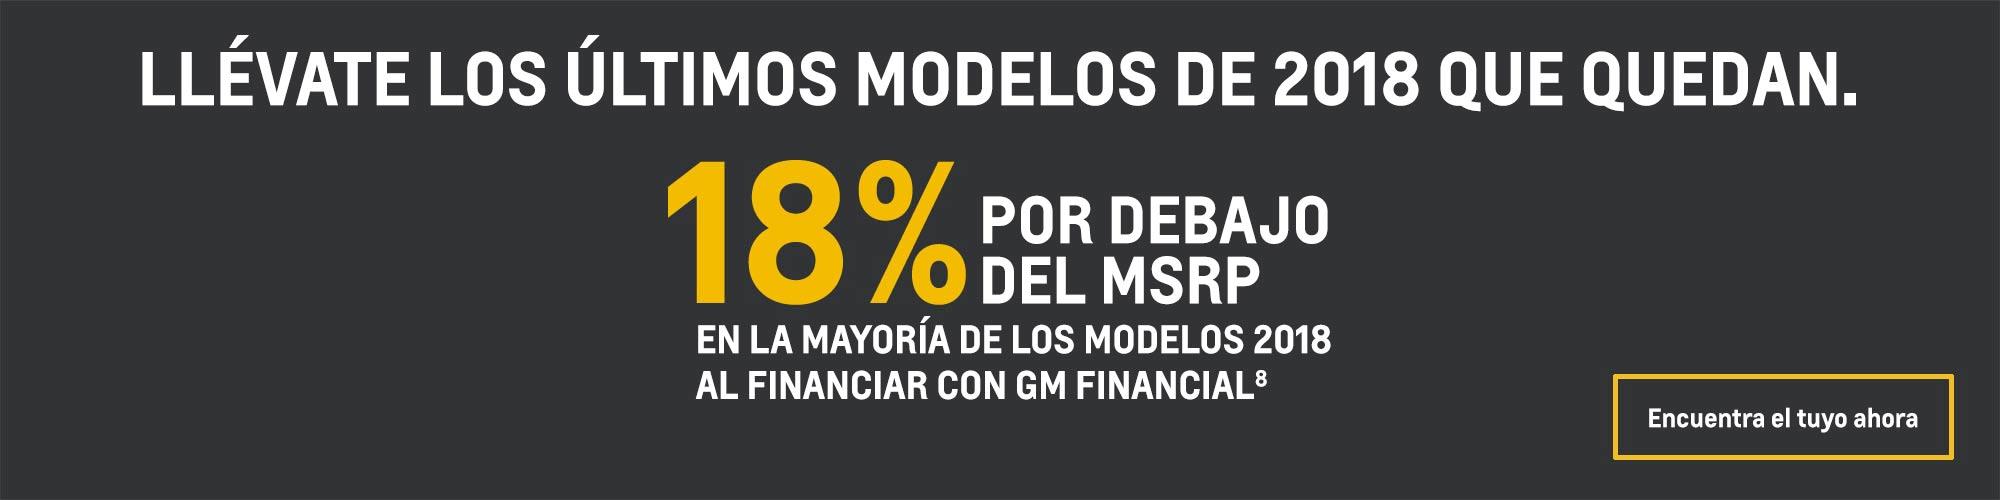 Cruze 2018: 18% por debajo del MSRP